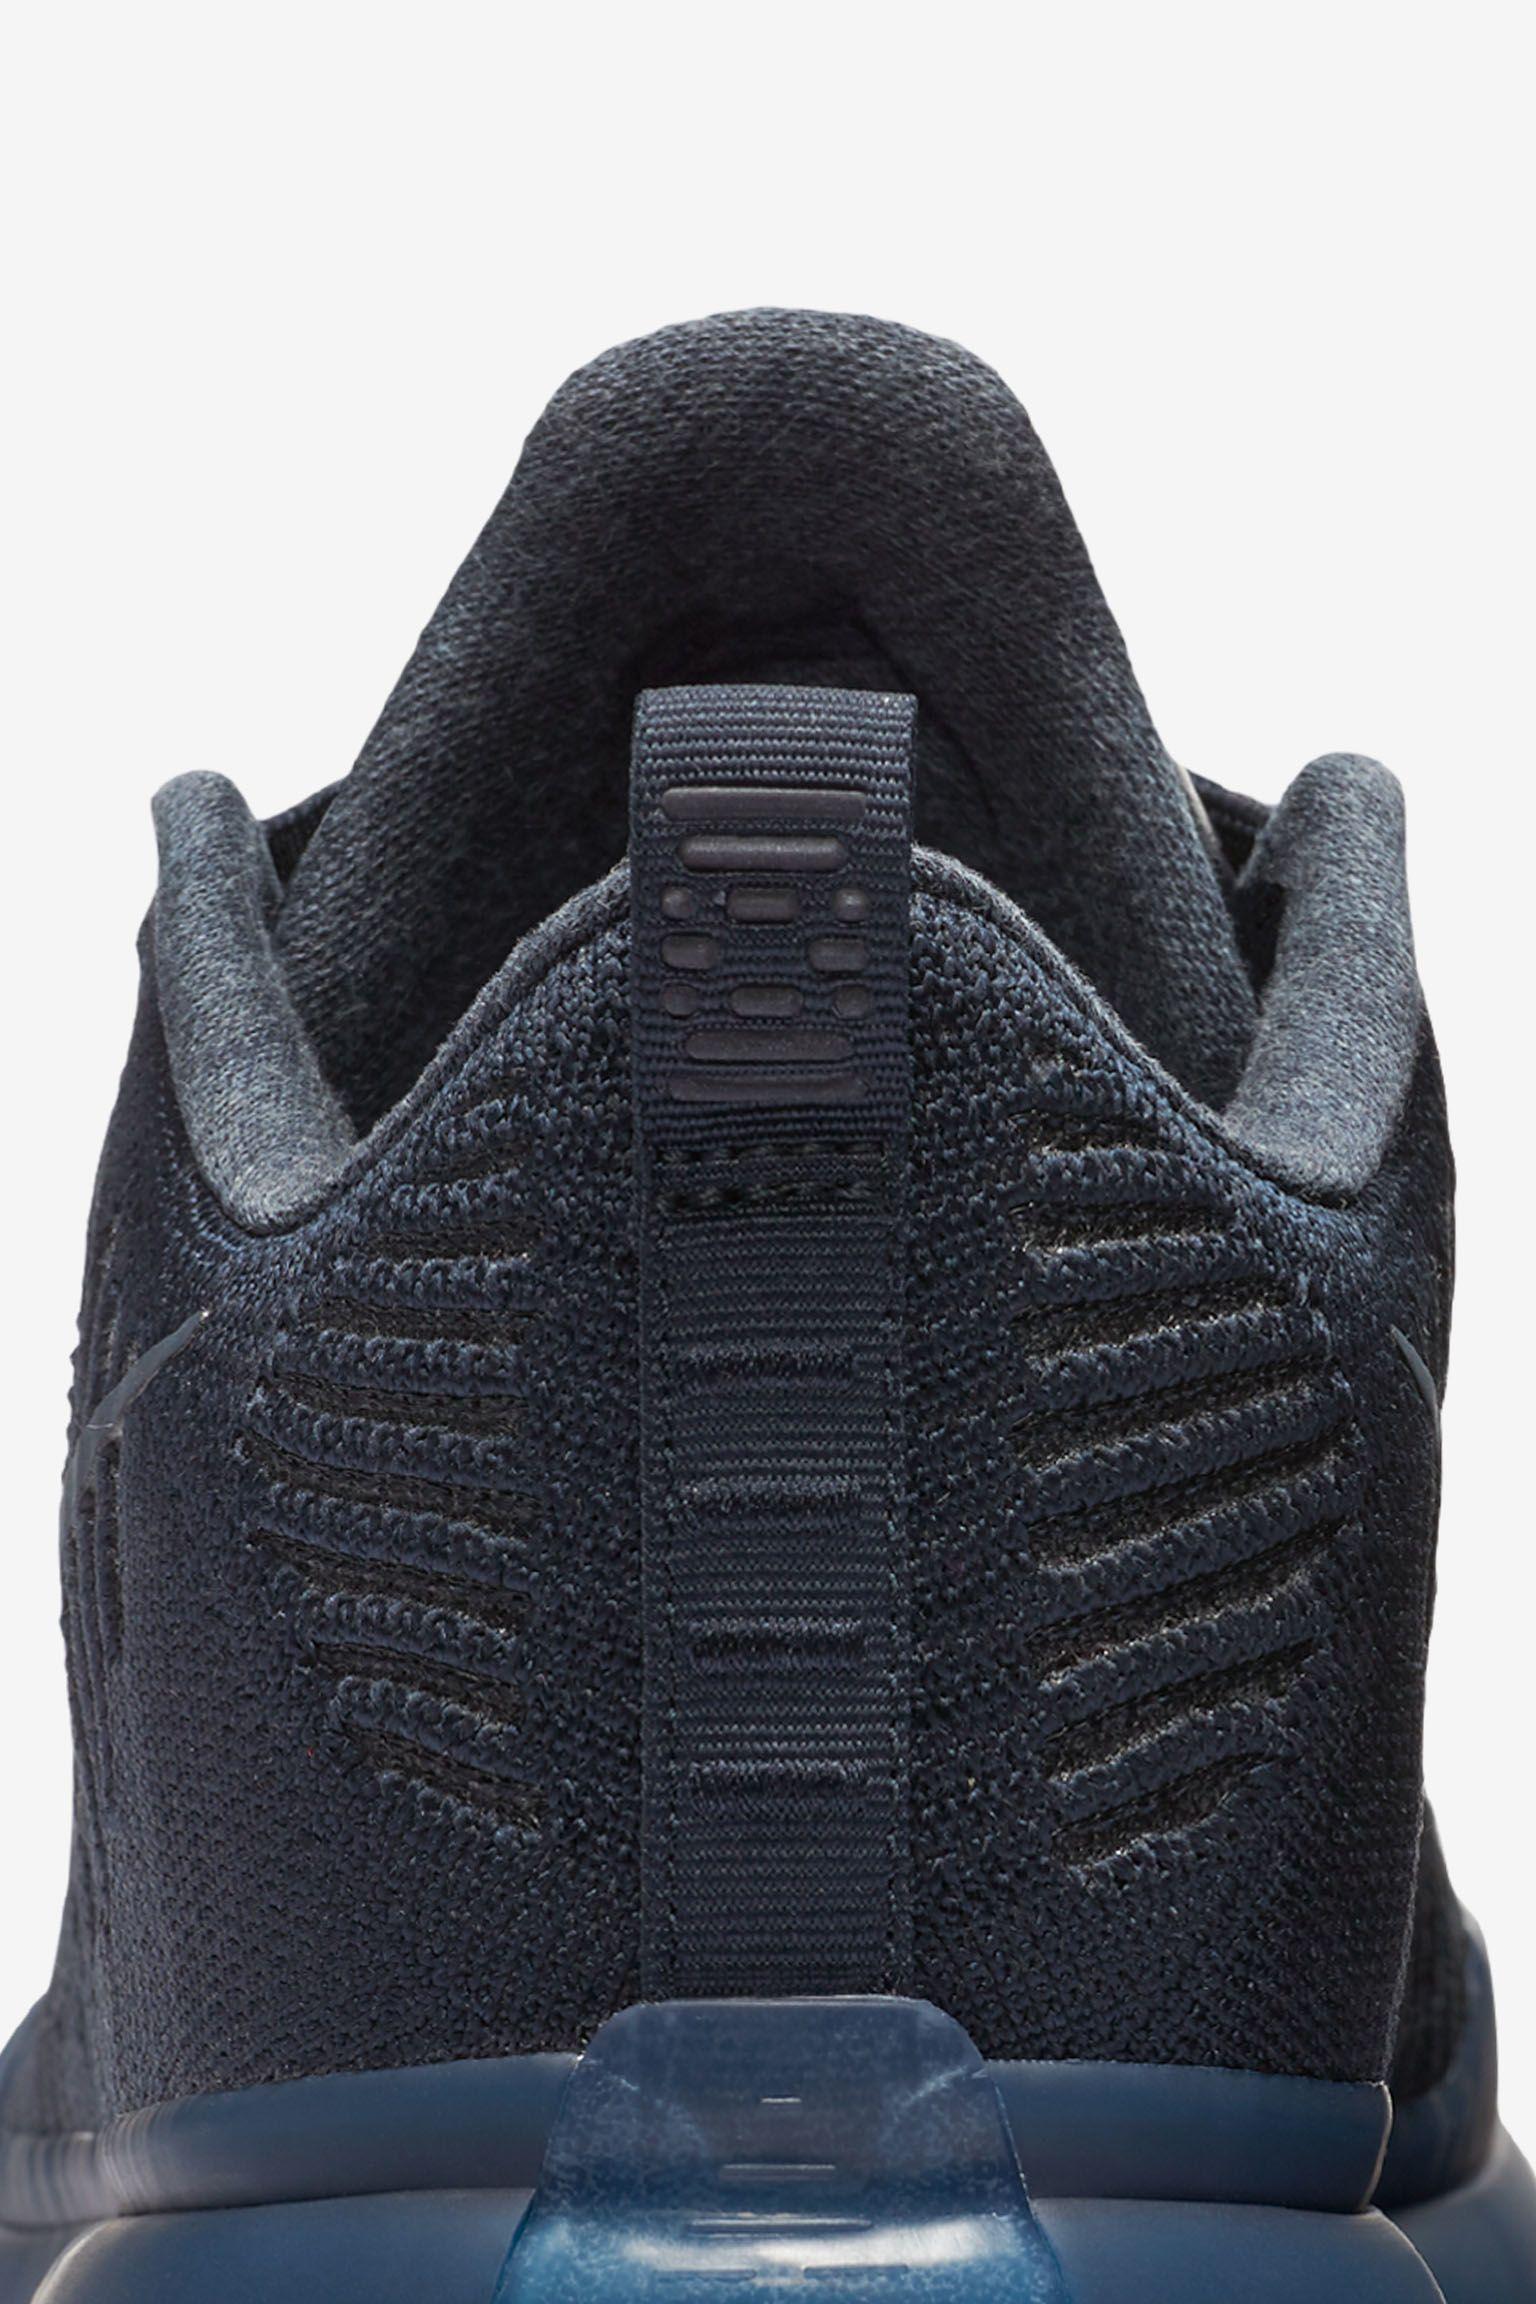 Nike Kobe 10 Elite Low 'FTB' Release Date